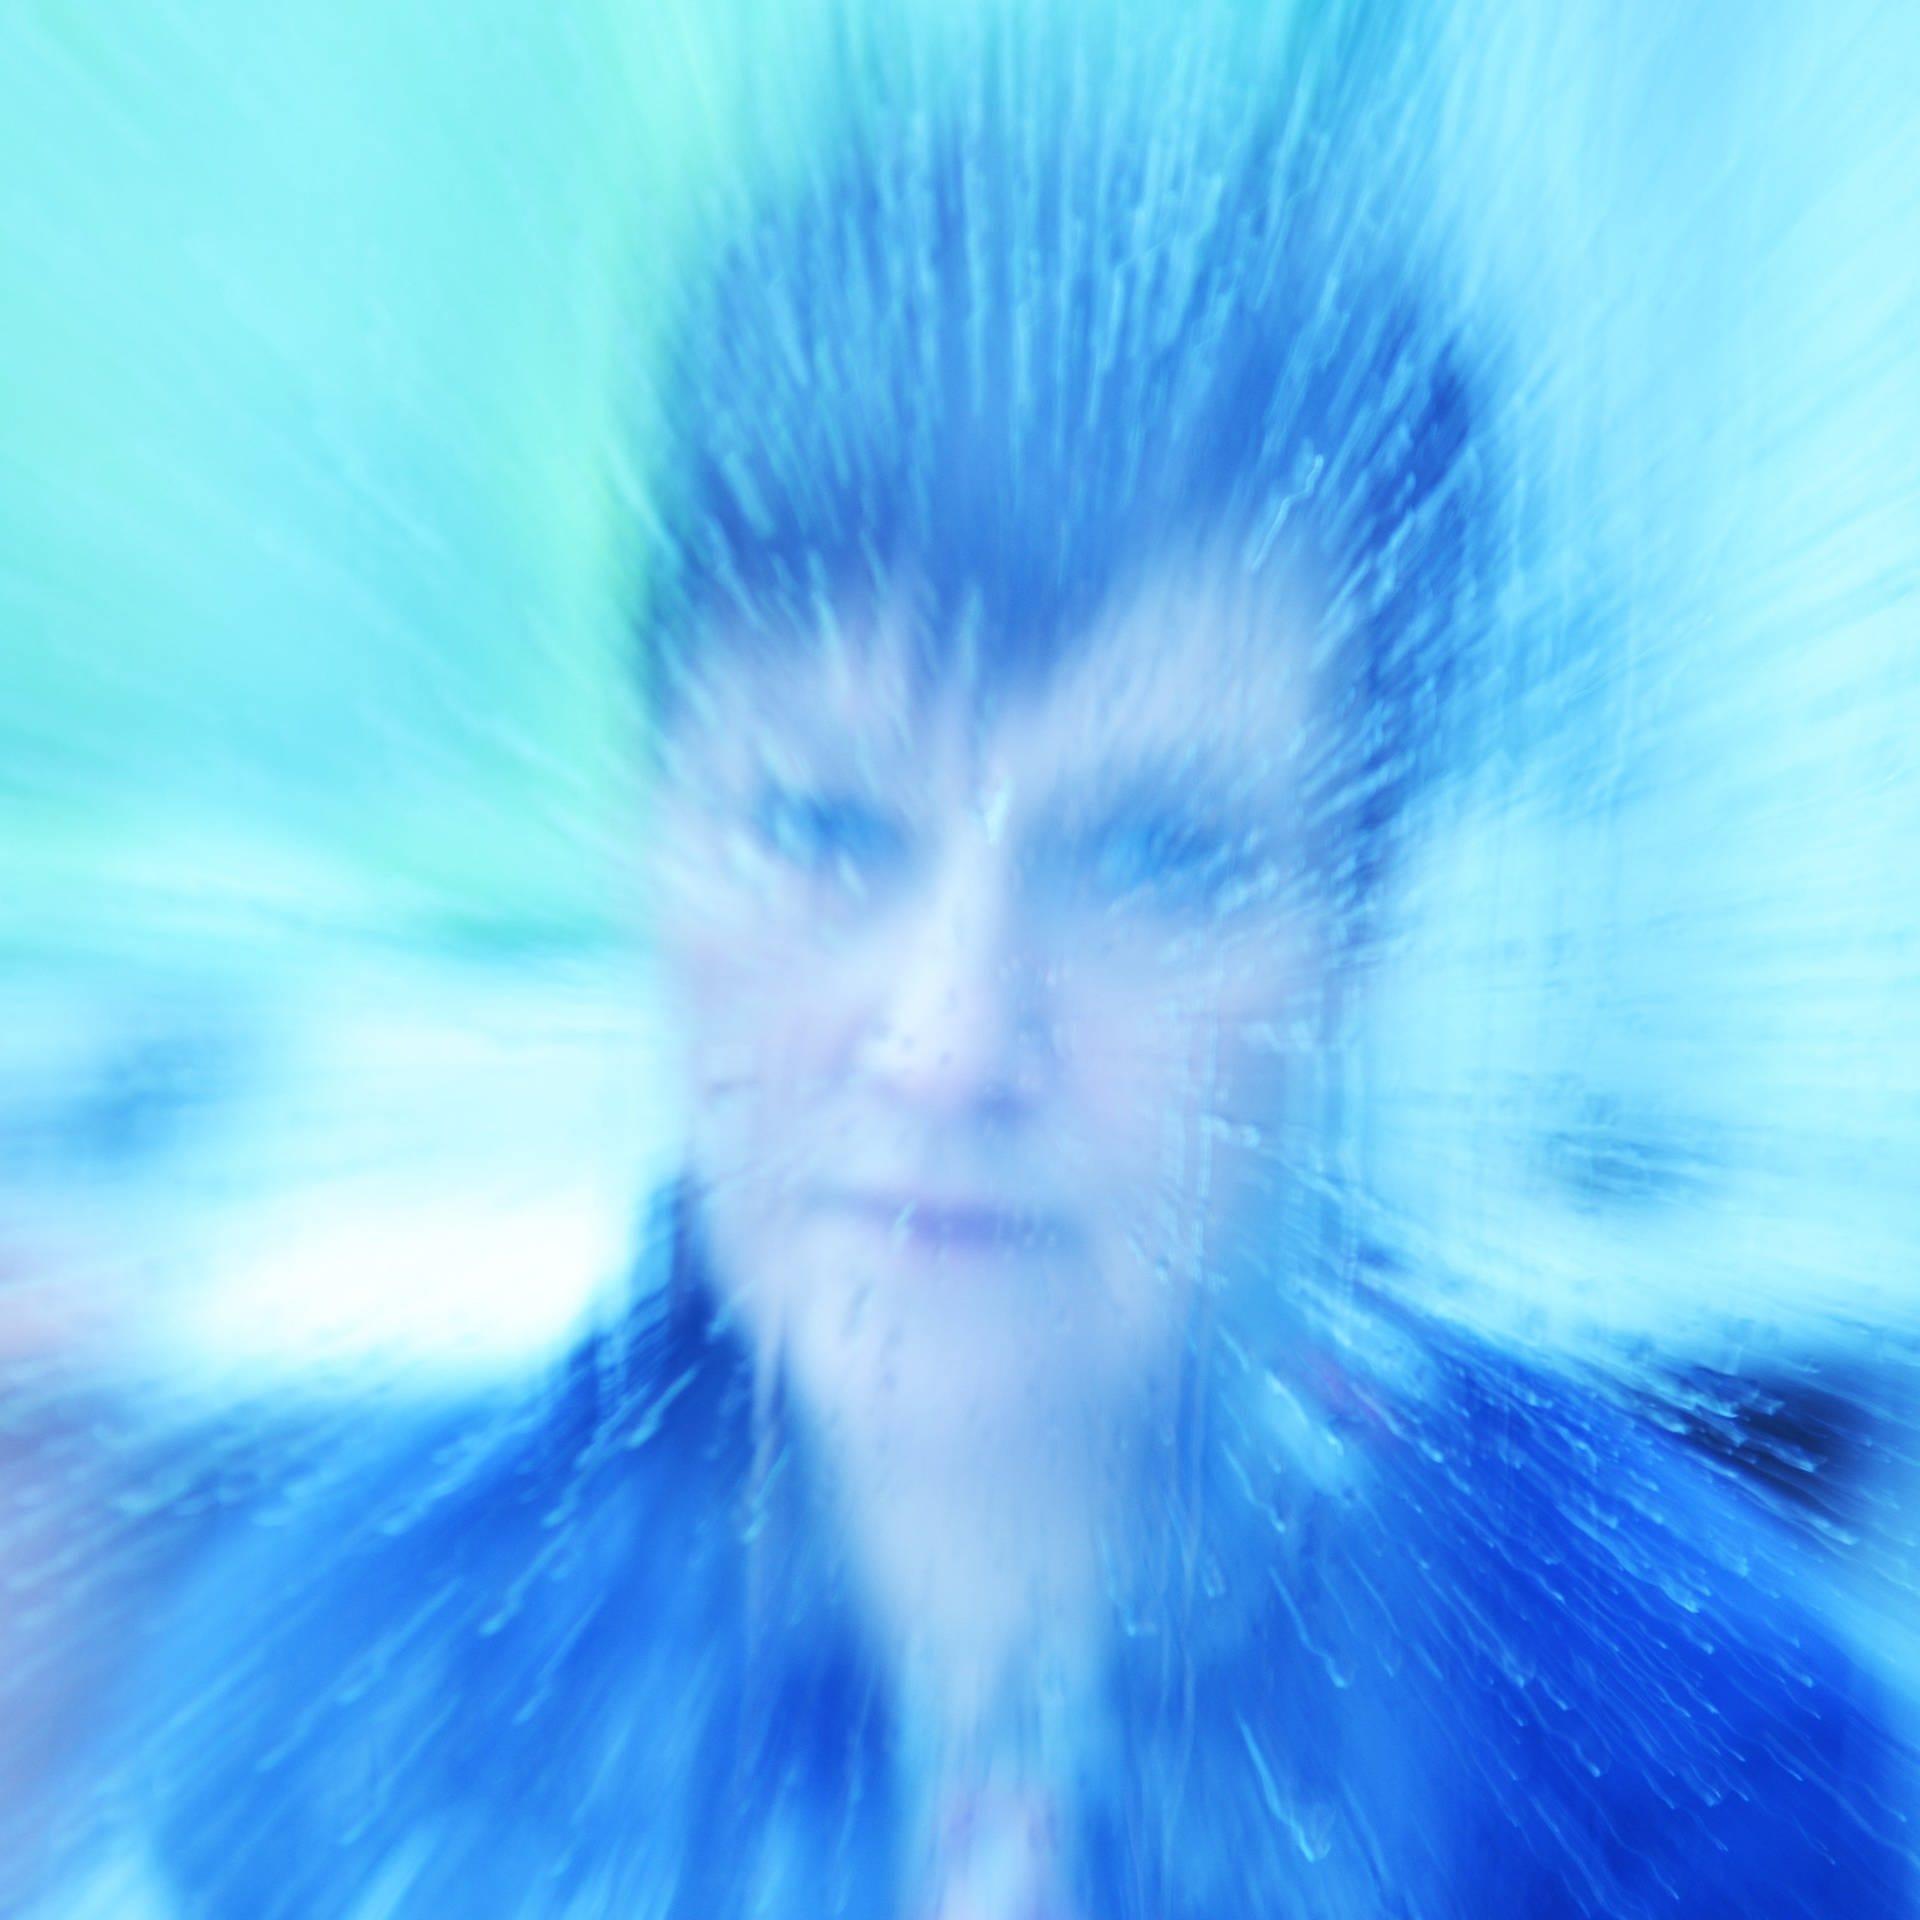 Schizophrenie - Besser verstehen und behandeln